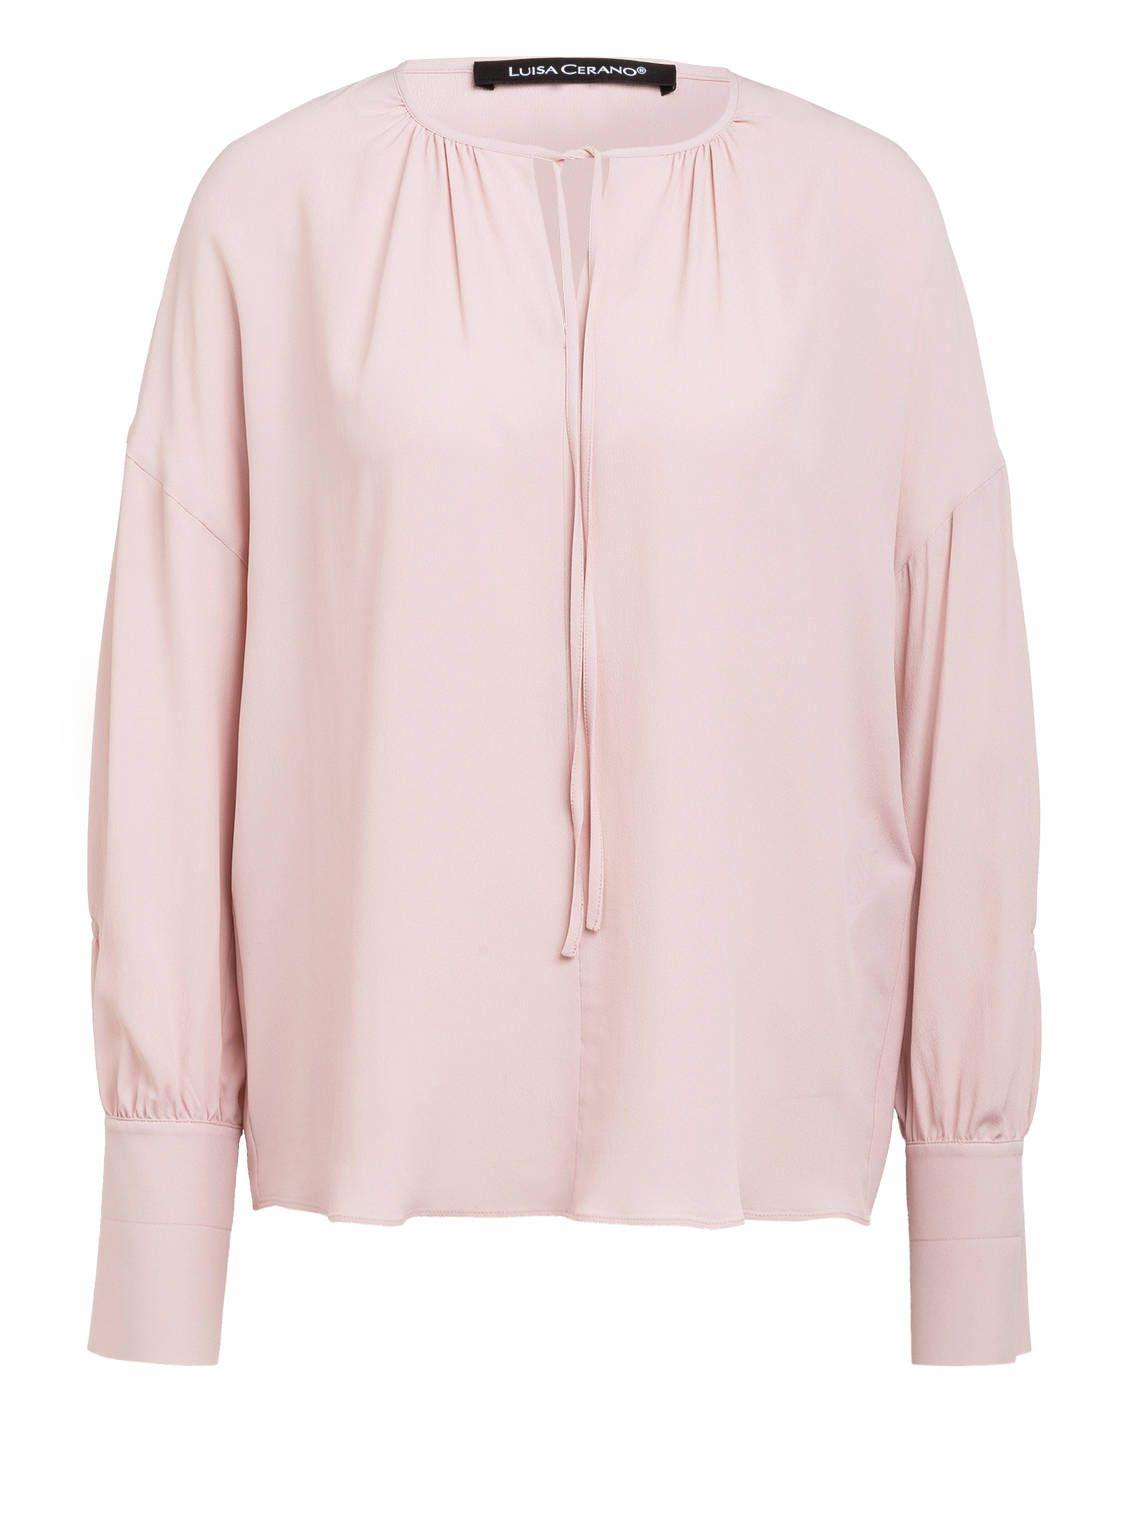 Bluse von LUISA CERANO bei Breuninger kaufen